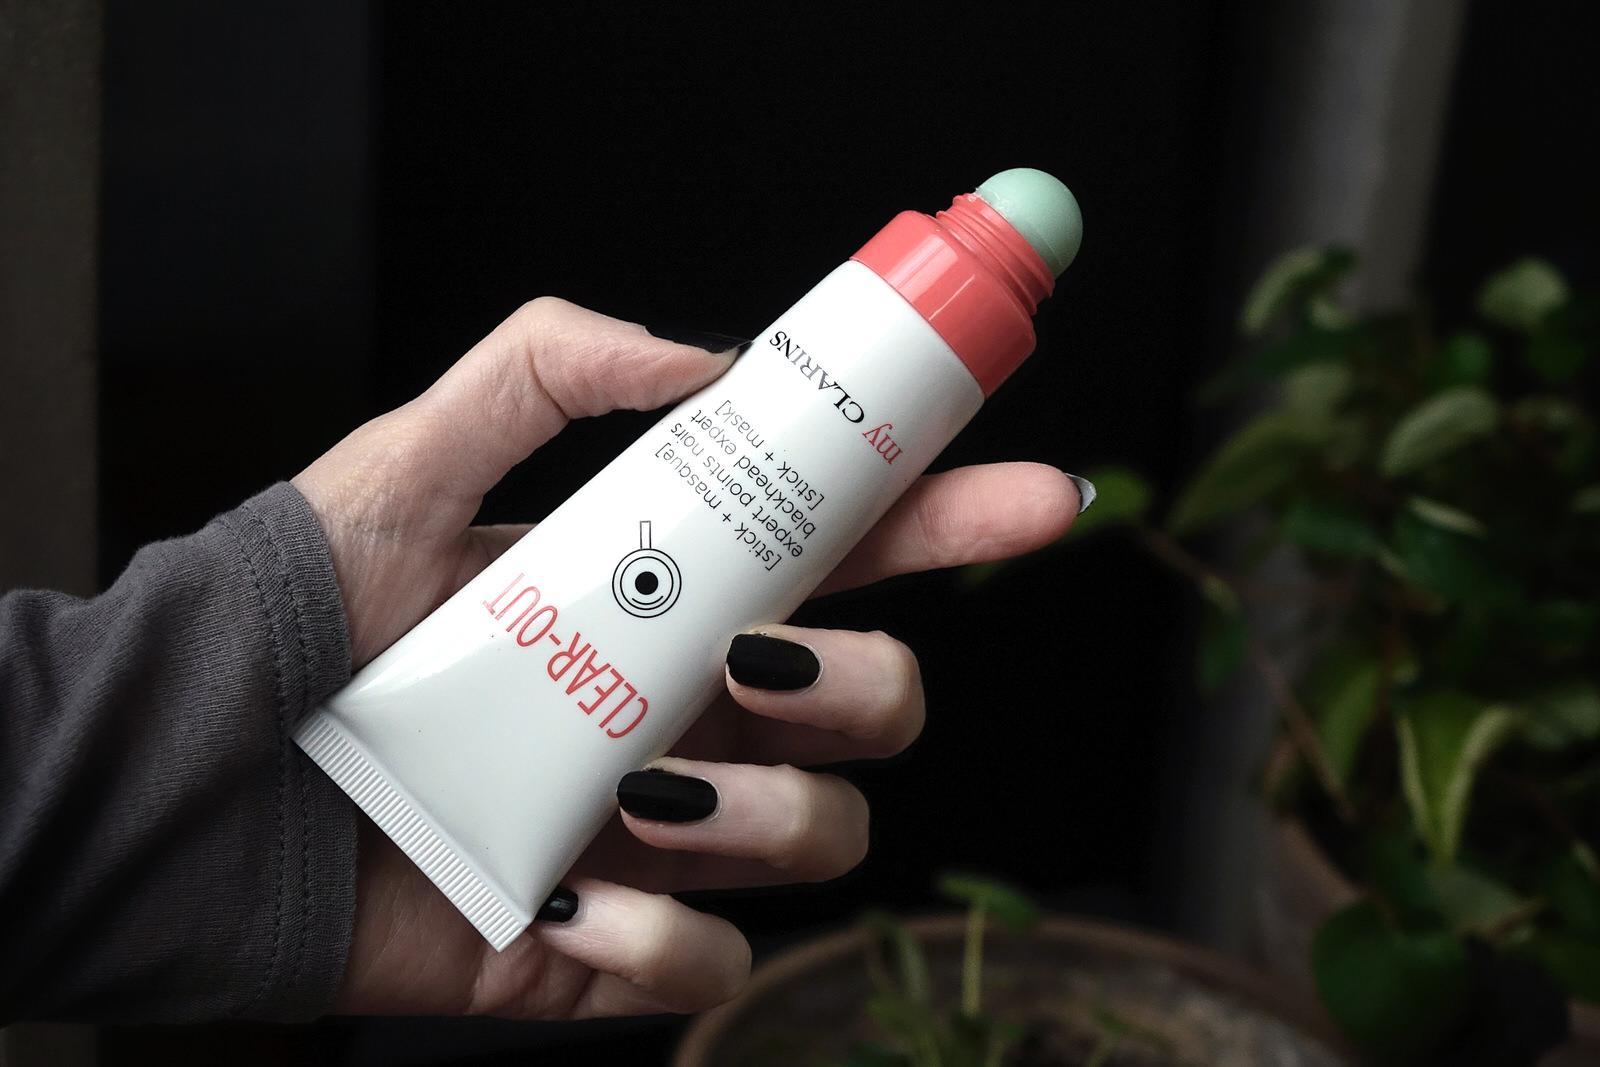 Les nouveautés My Clarins de 2020 - poudre exfoliante éclat et masque expert points noirs